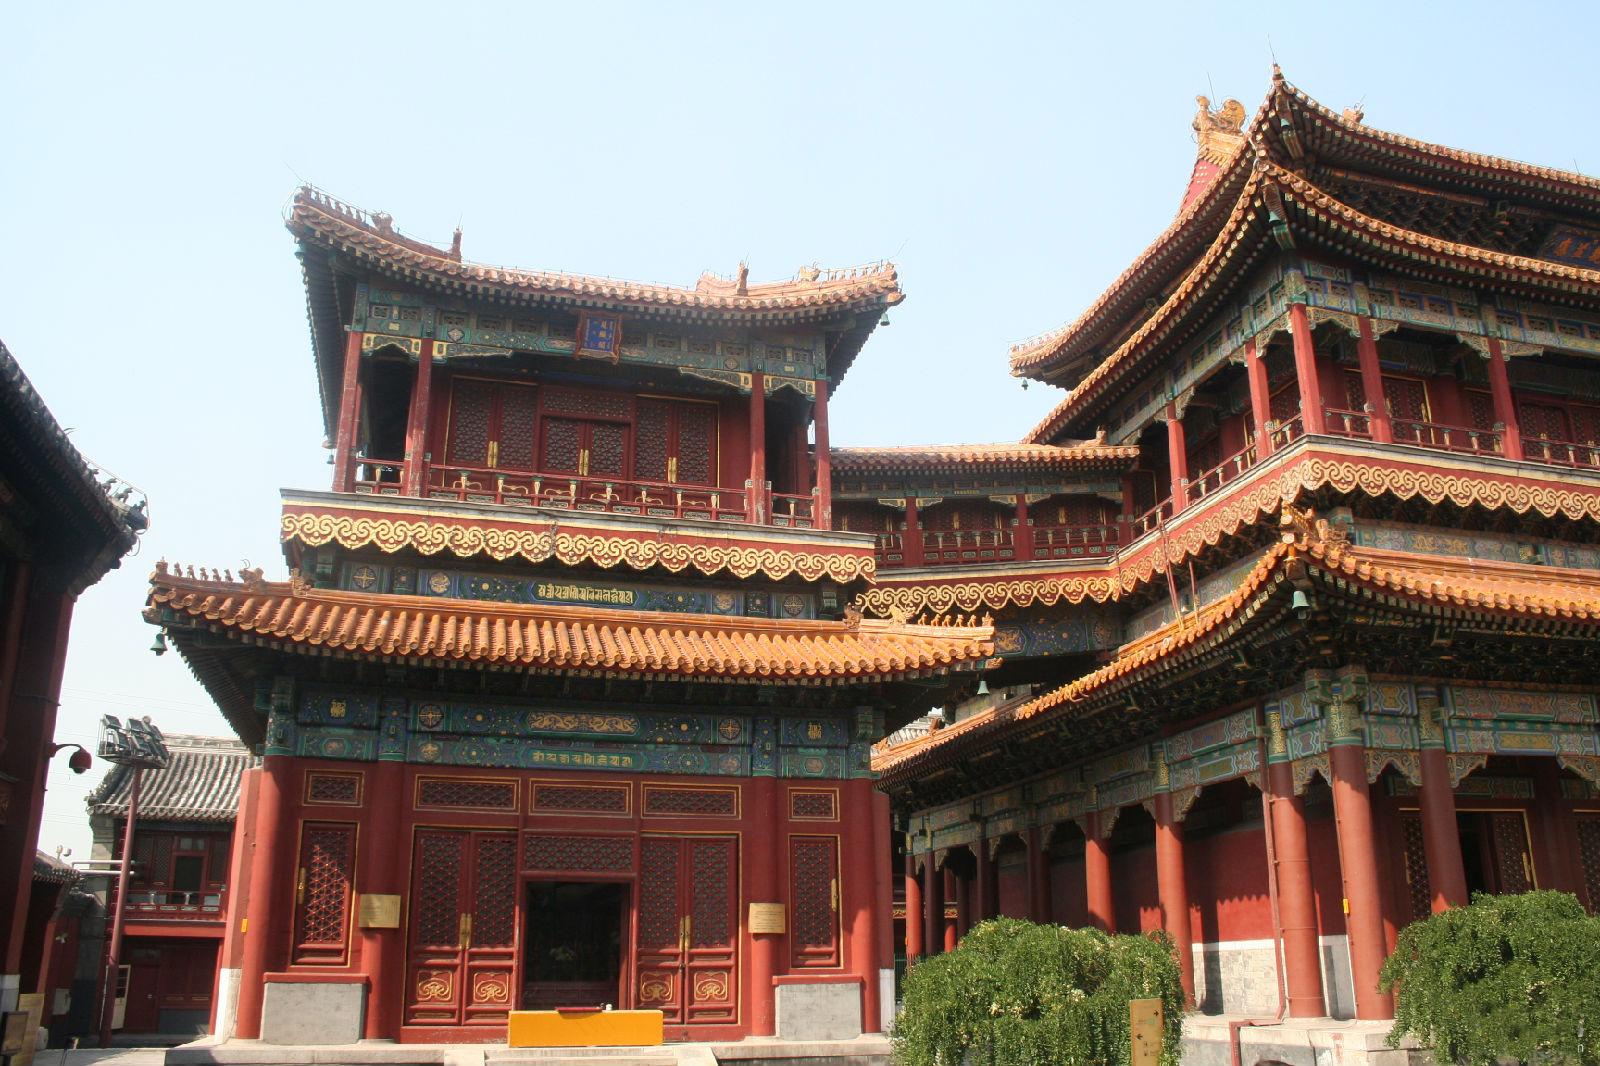 雍和宫大佛图片